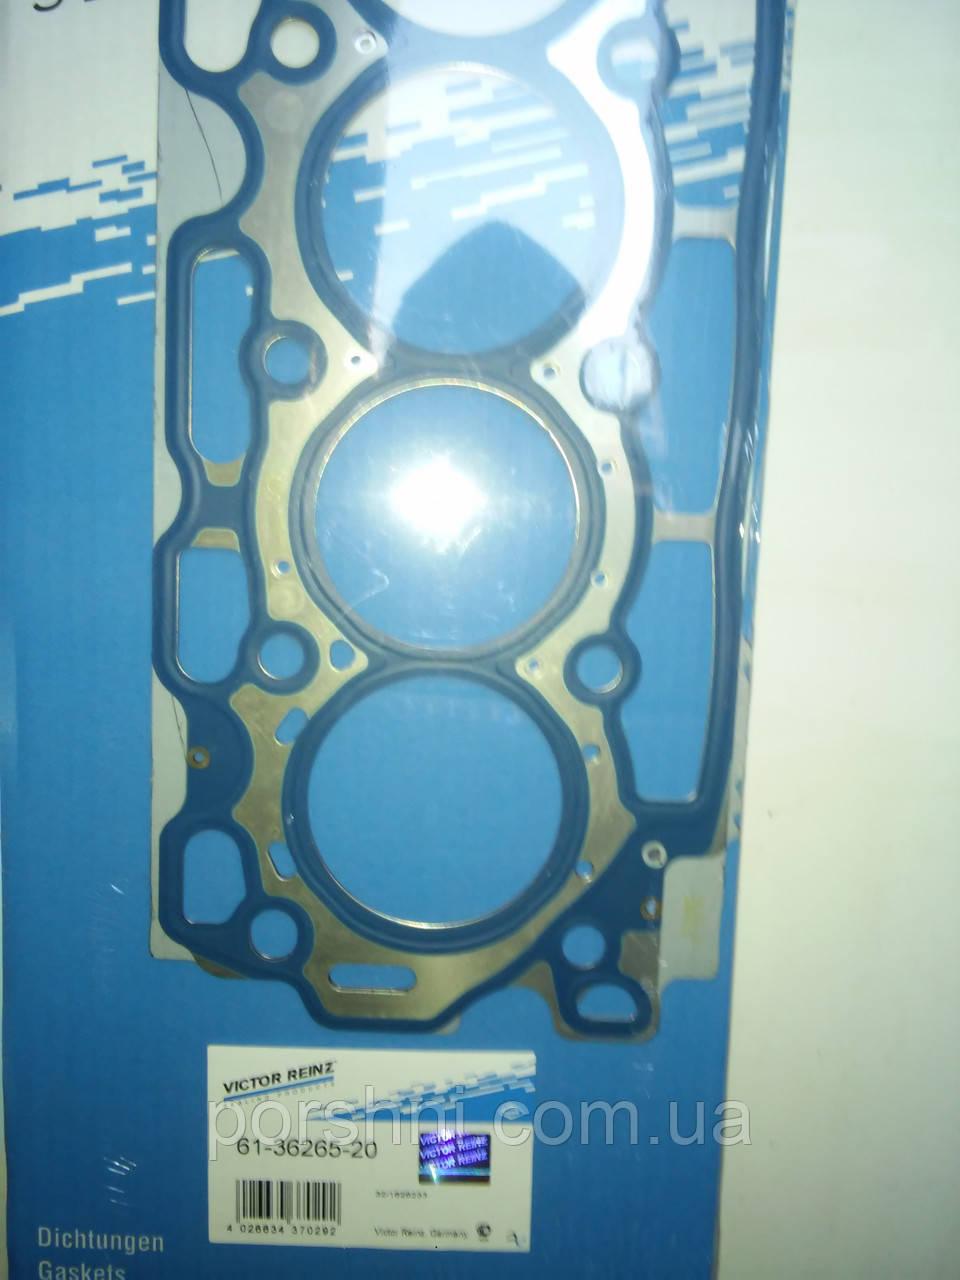 Прокладка  головки  1.6  TDCI  Focus  II  1.35 м.м V/REINZ  61-36265-20